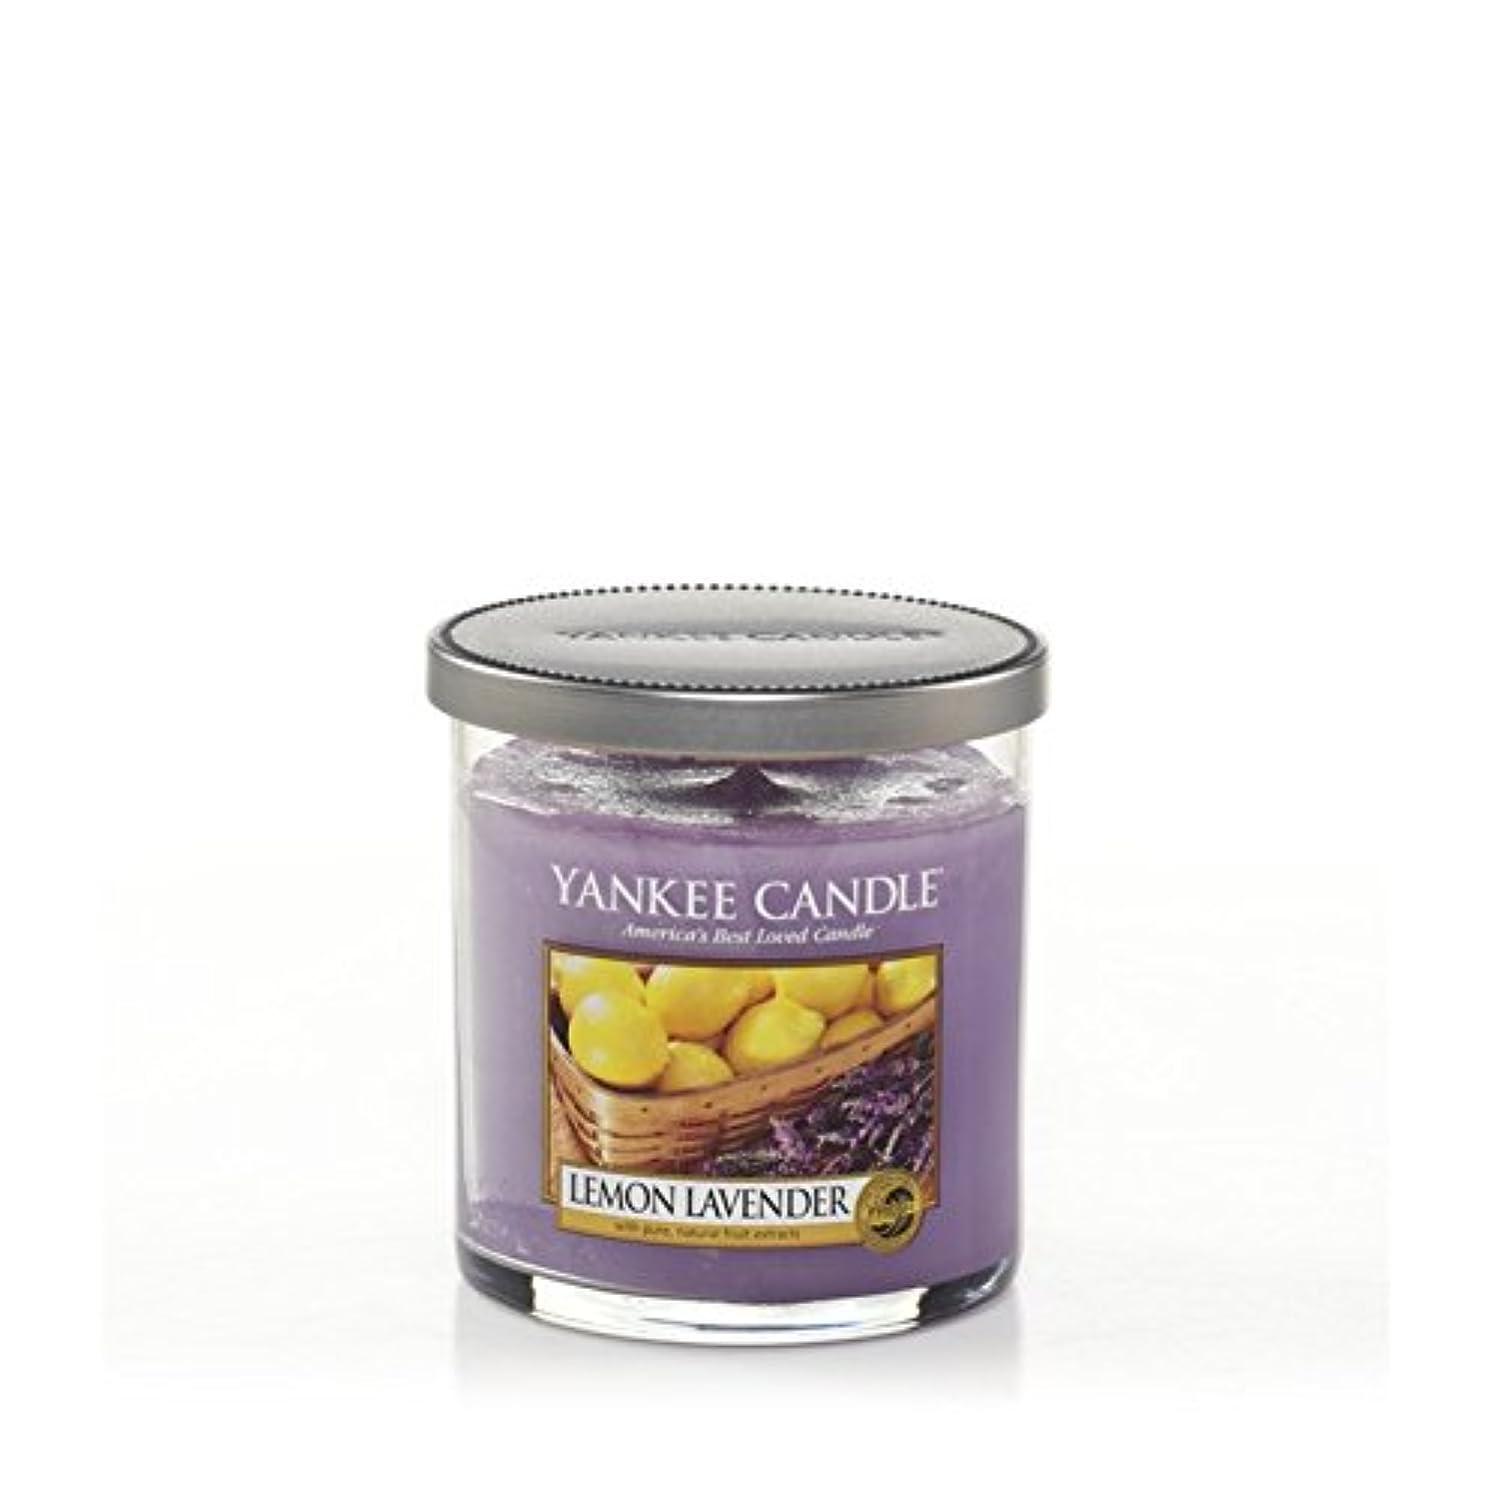 オレンジ戦術地理ヤンキーキャンドルの小さな柱キャンドル - レモンラベンダー - Yankee Candles Small Pillar Candle - Lemon Lavender (Yankee Candles) [並行輸入品]